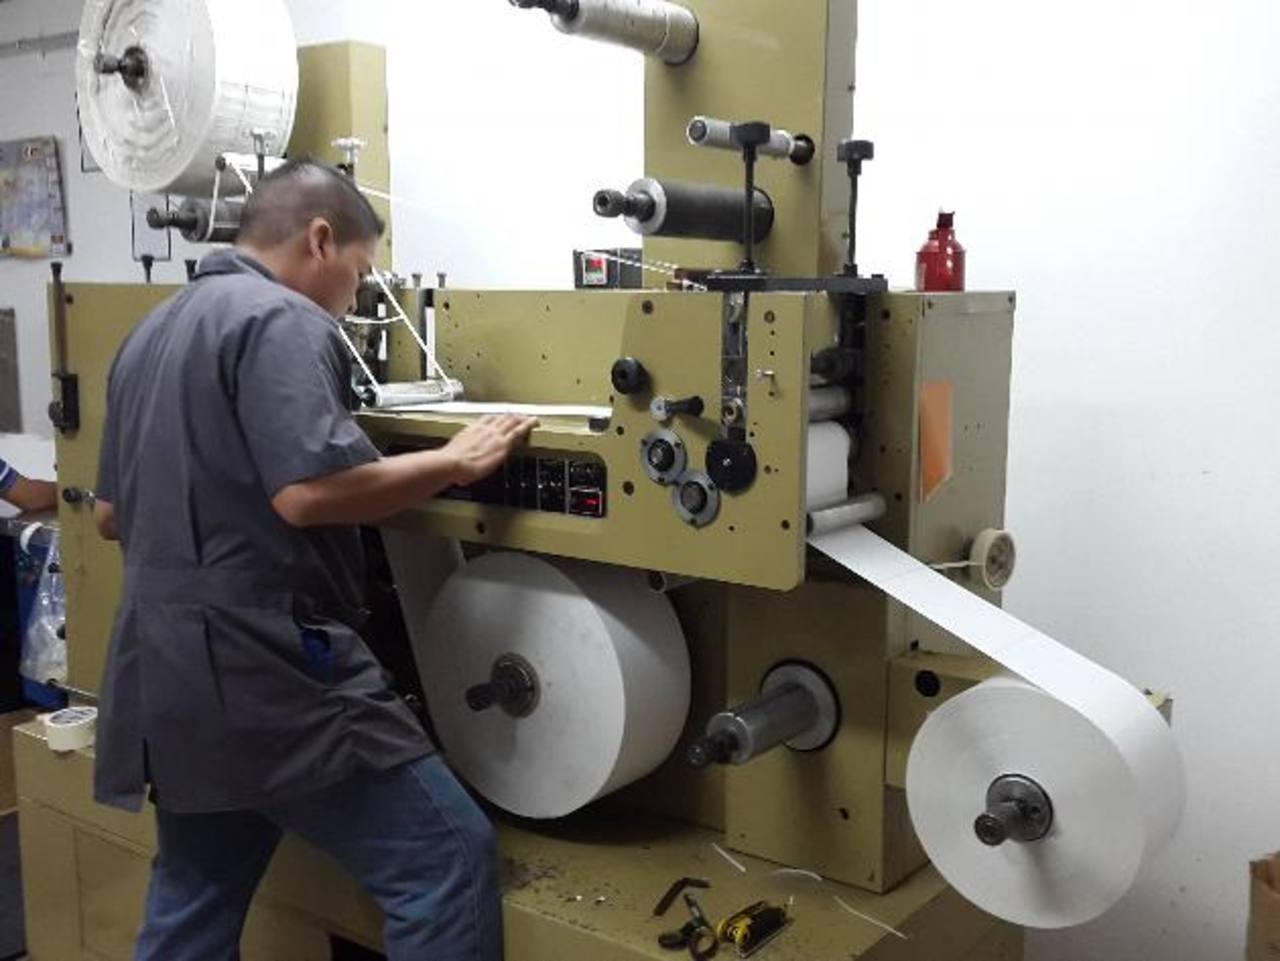 Un operario trabaja en la planta de producción de viñetas autoadhesivas de MCLogística.